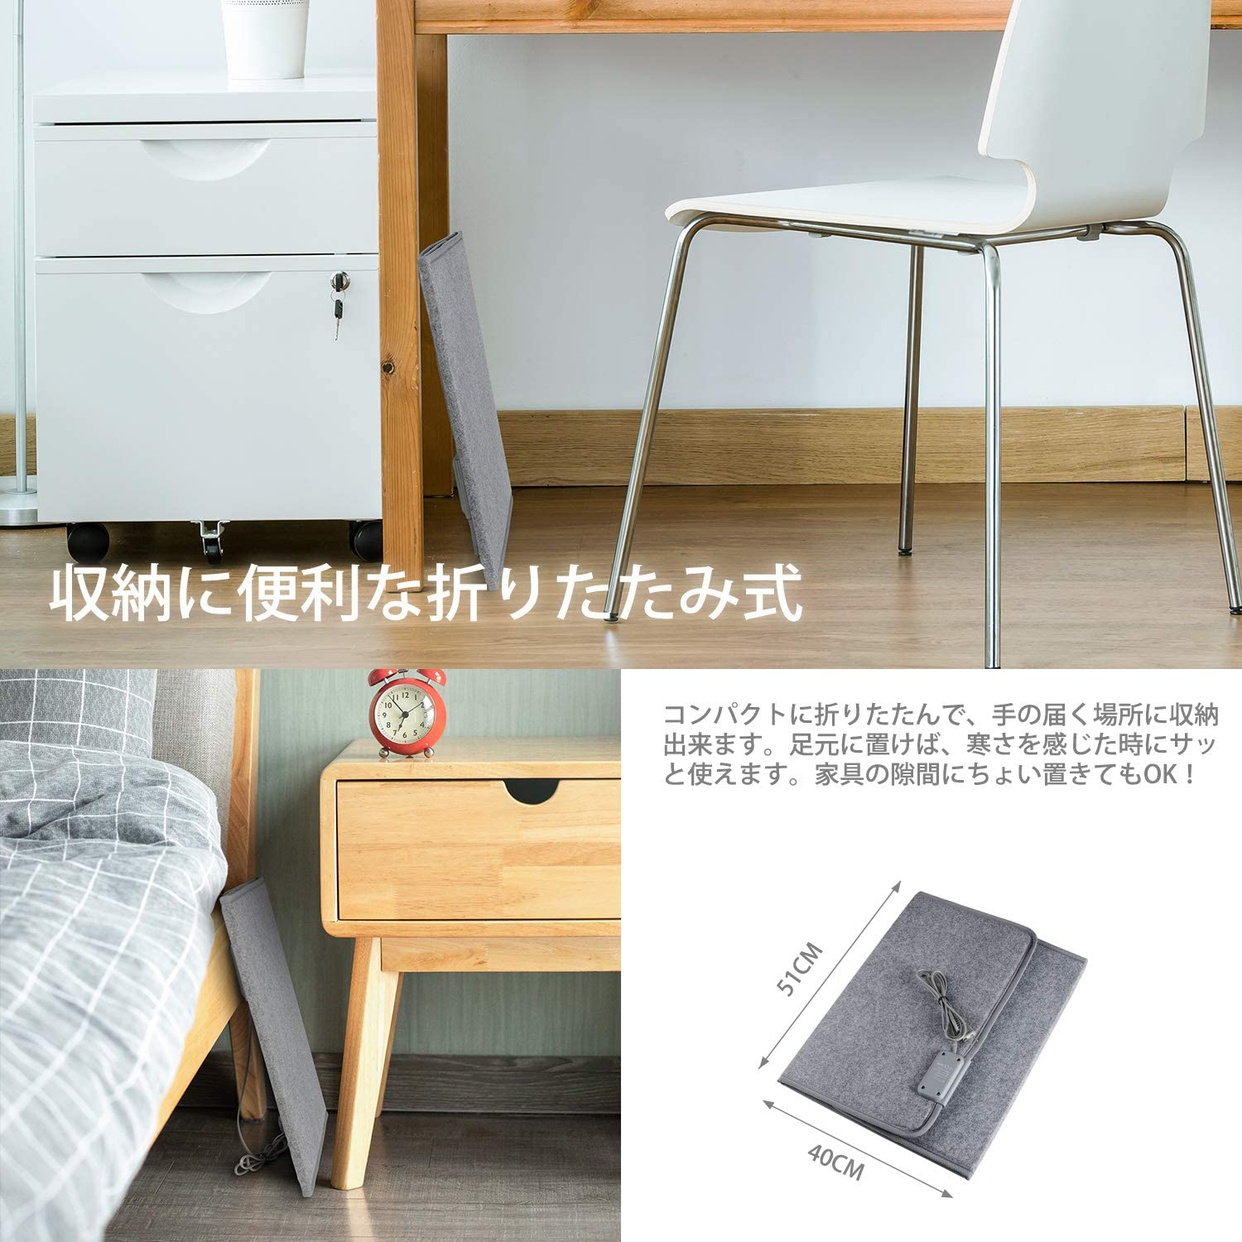 ANBOCHUANG(アンボチャング) パネルヒーターの商品画像5